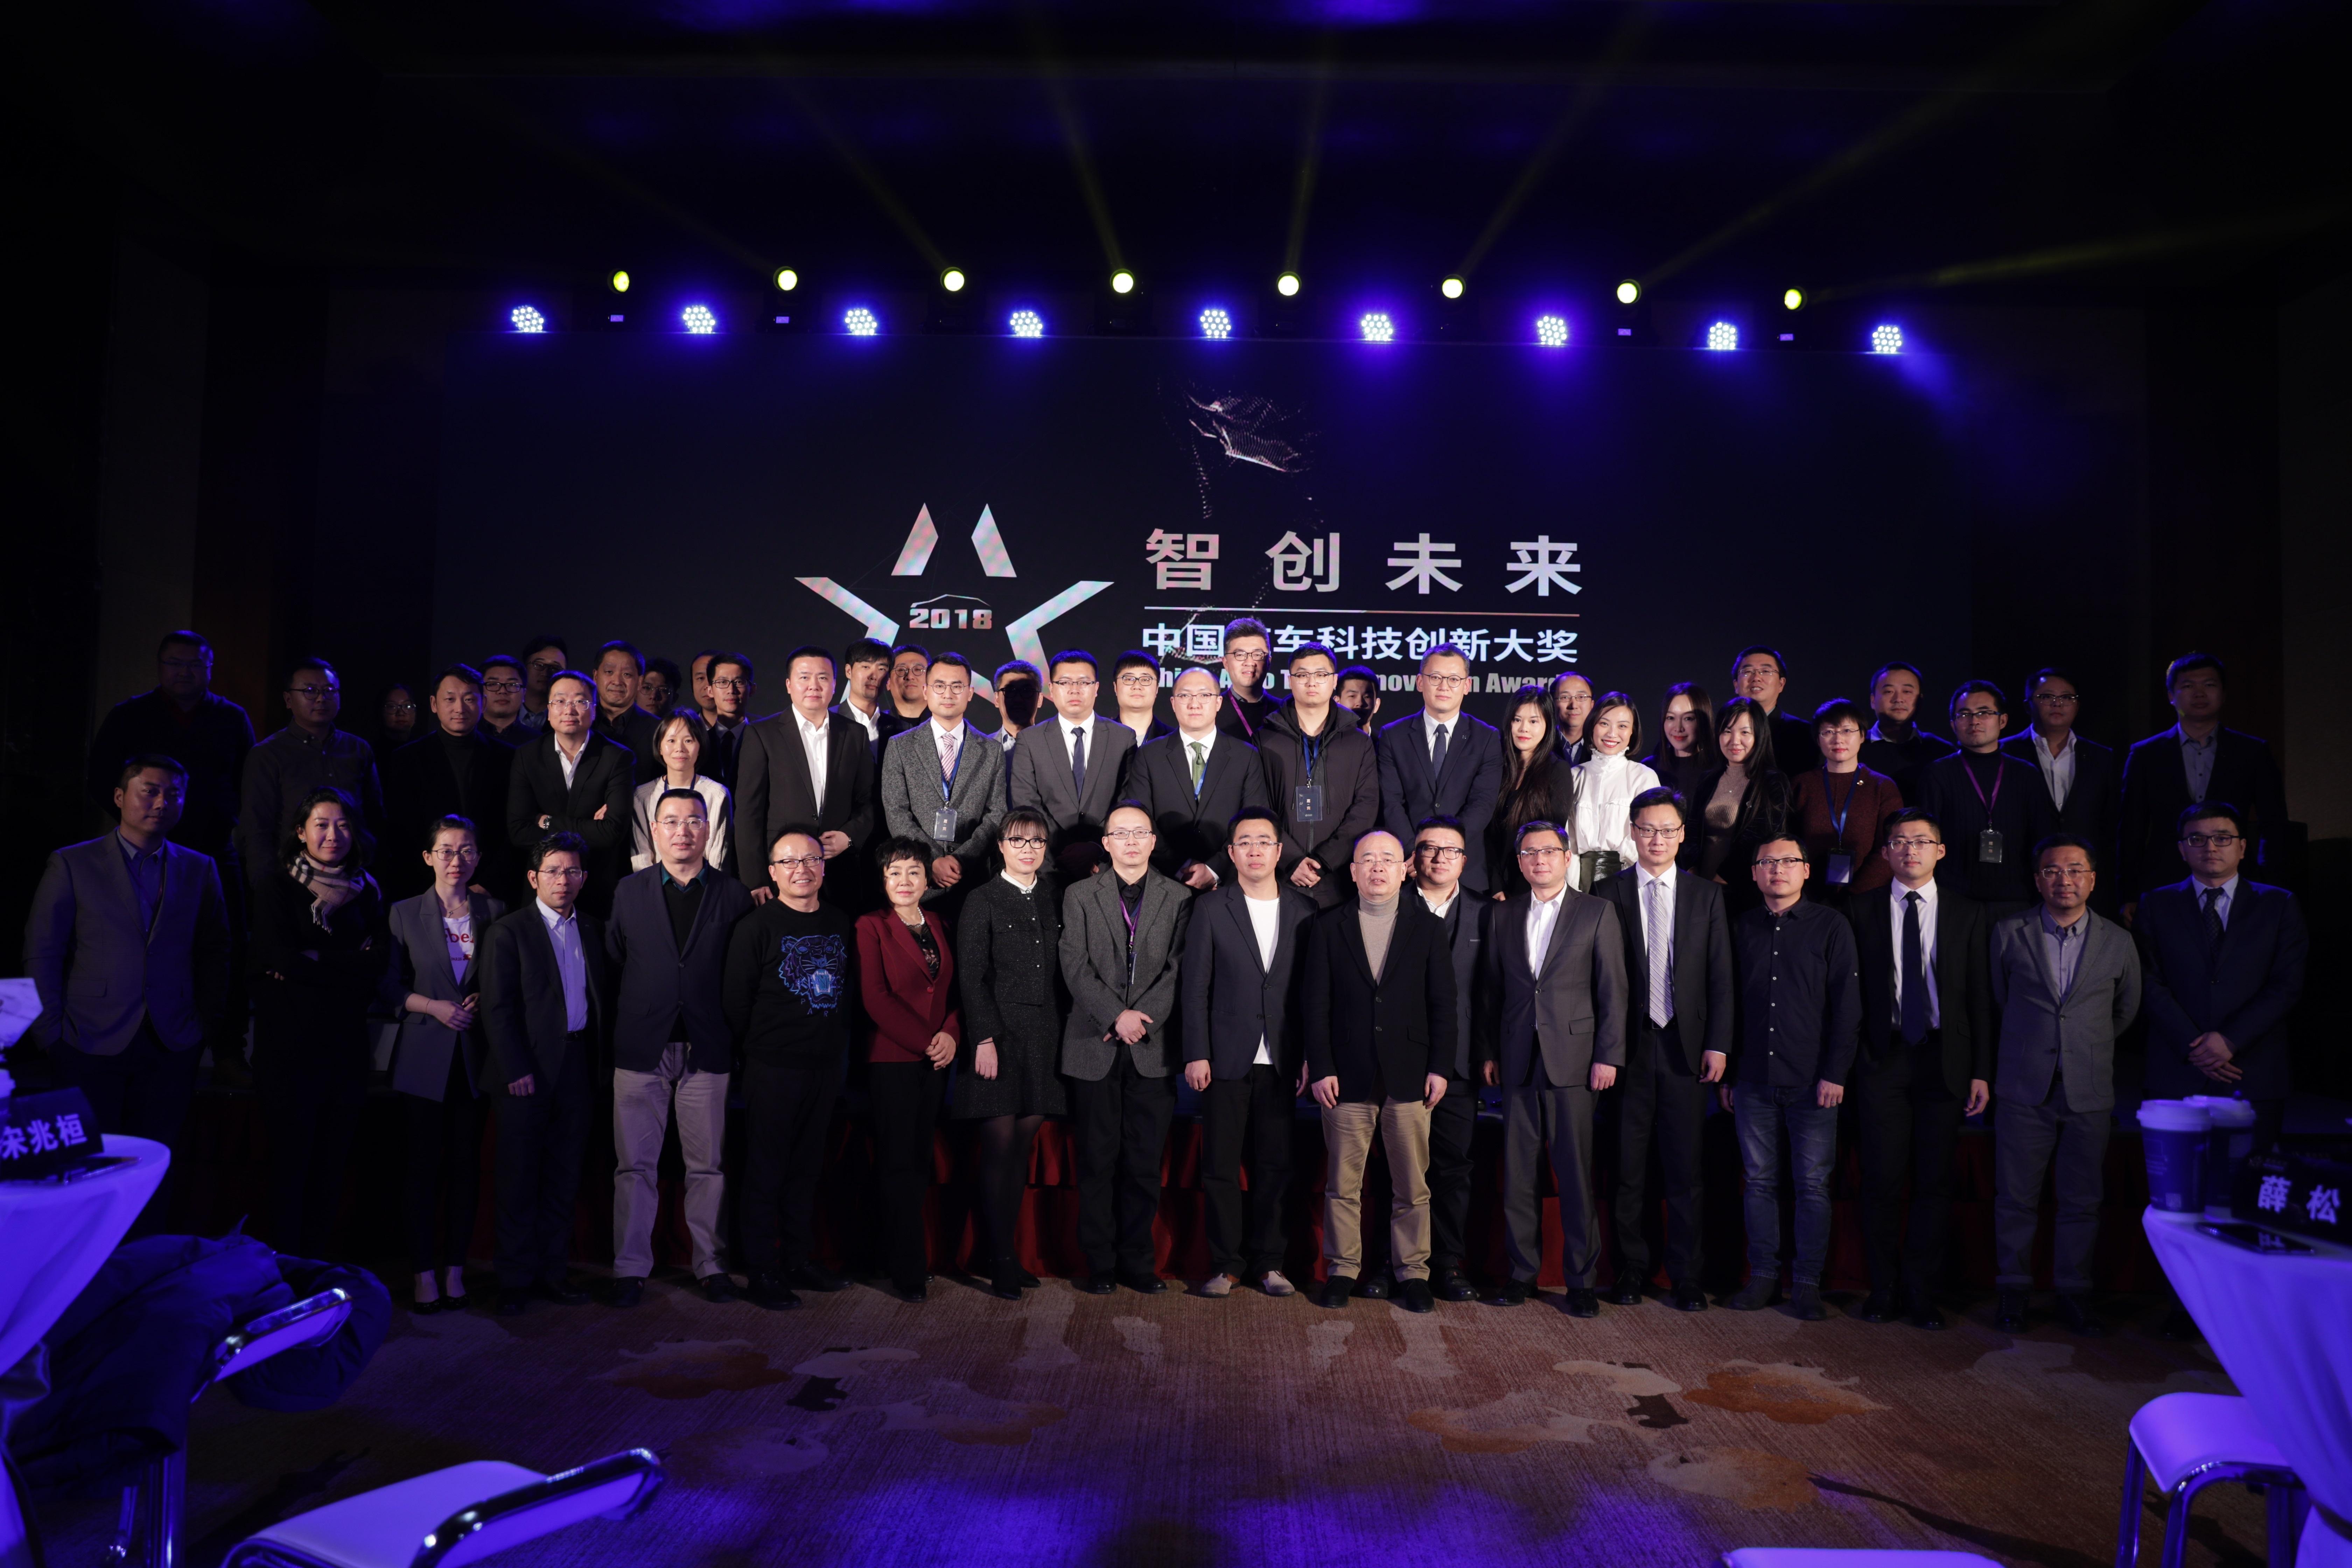 2018中国汽车科技大奖,福彩3d双彩论坛终极获奖名单揭晓!